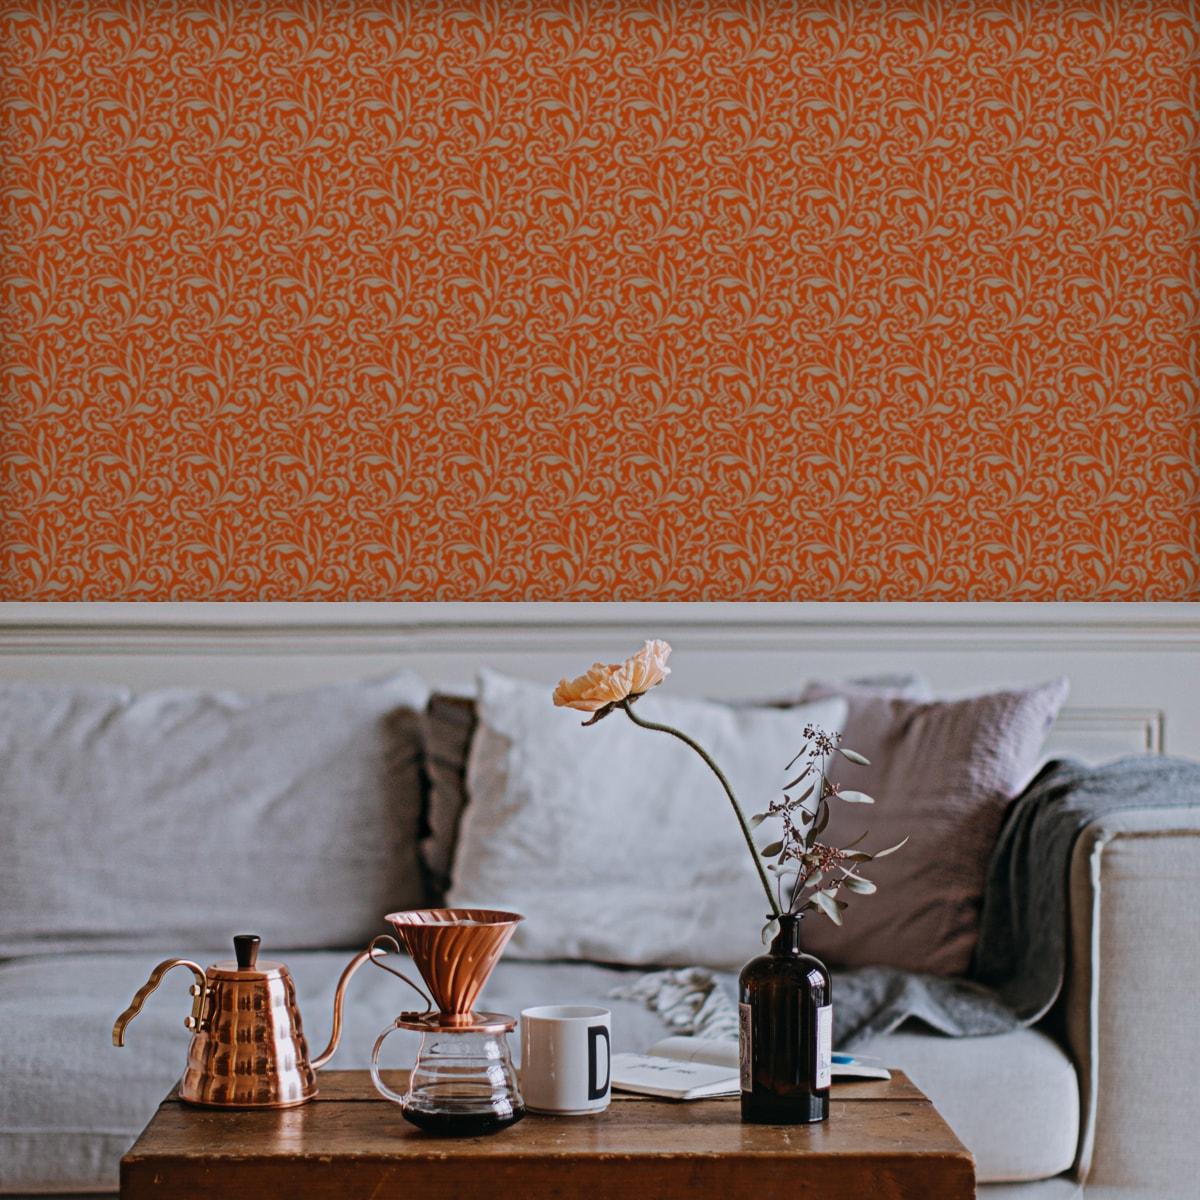 Wandtapete orange: Schöne florale Tapete